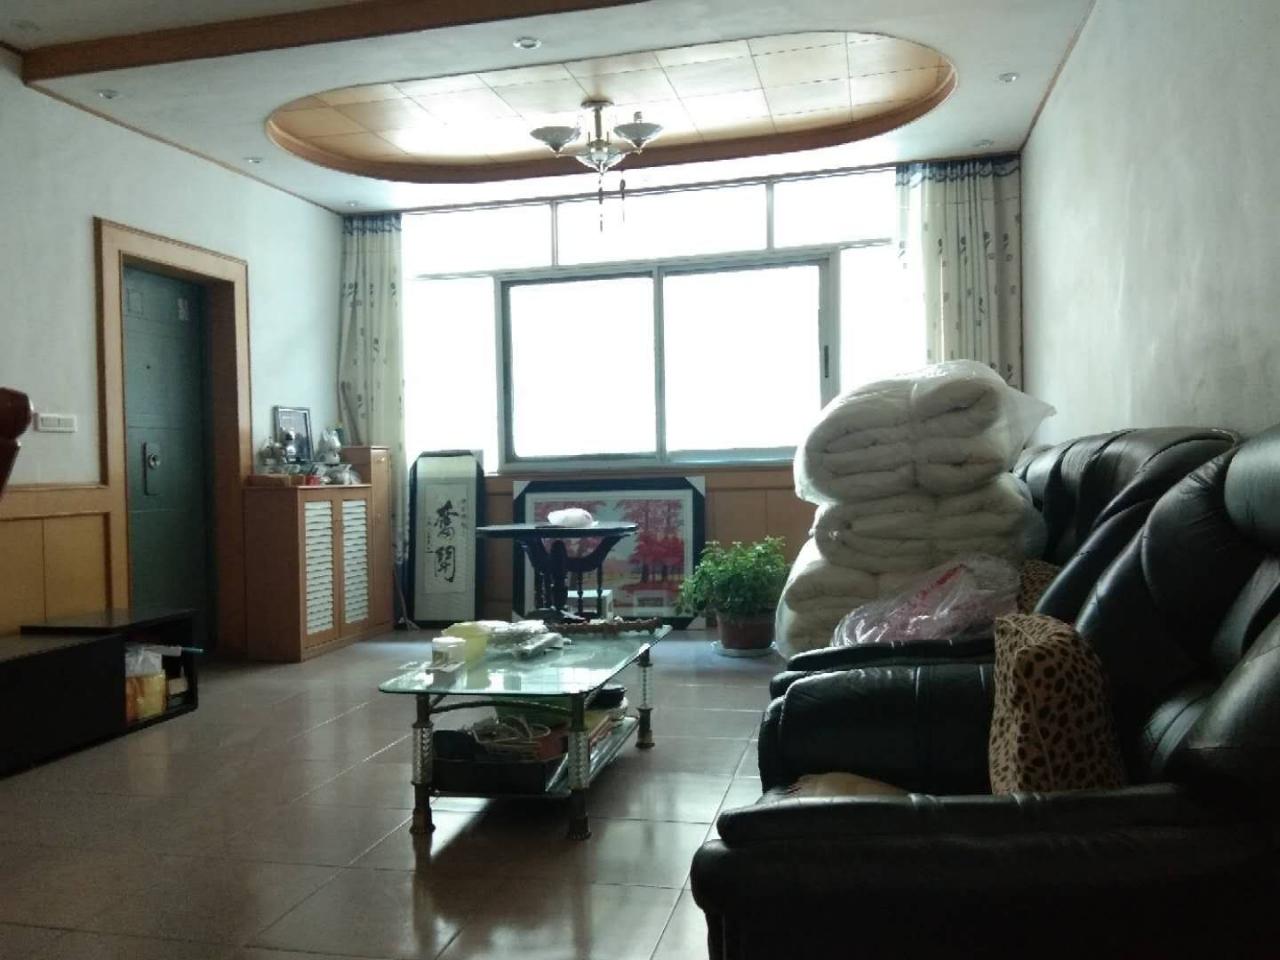 下西街煙辦家屬區三室140平米